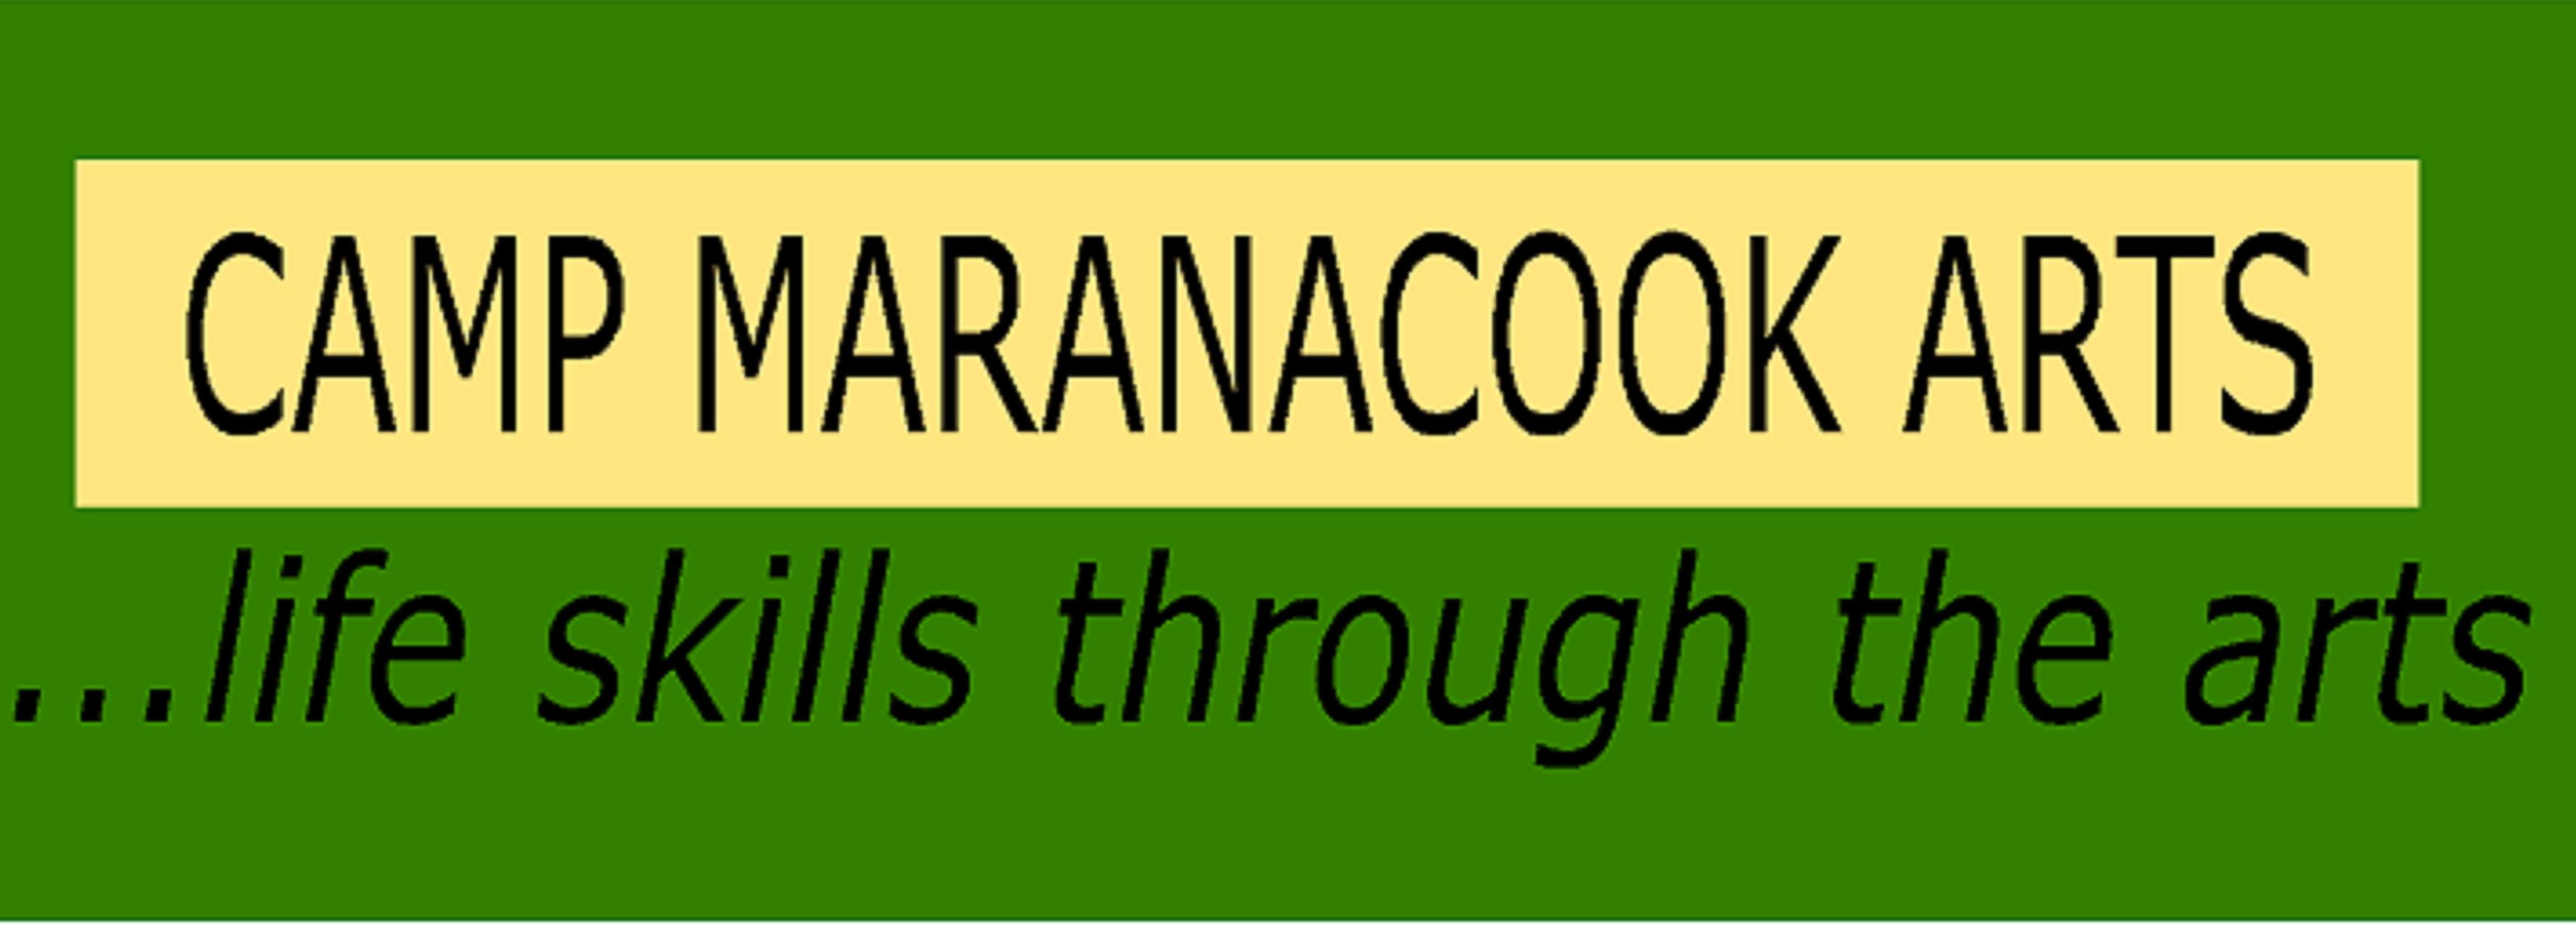 Camp Maranacook Arts